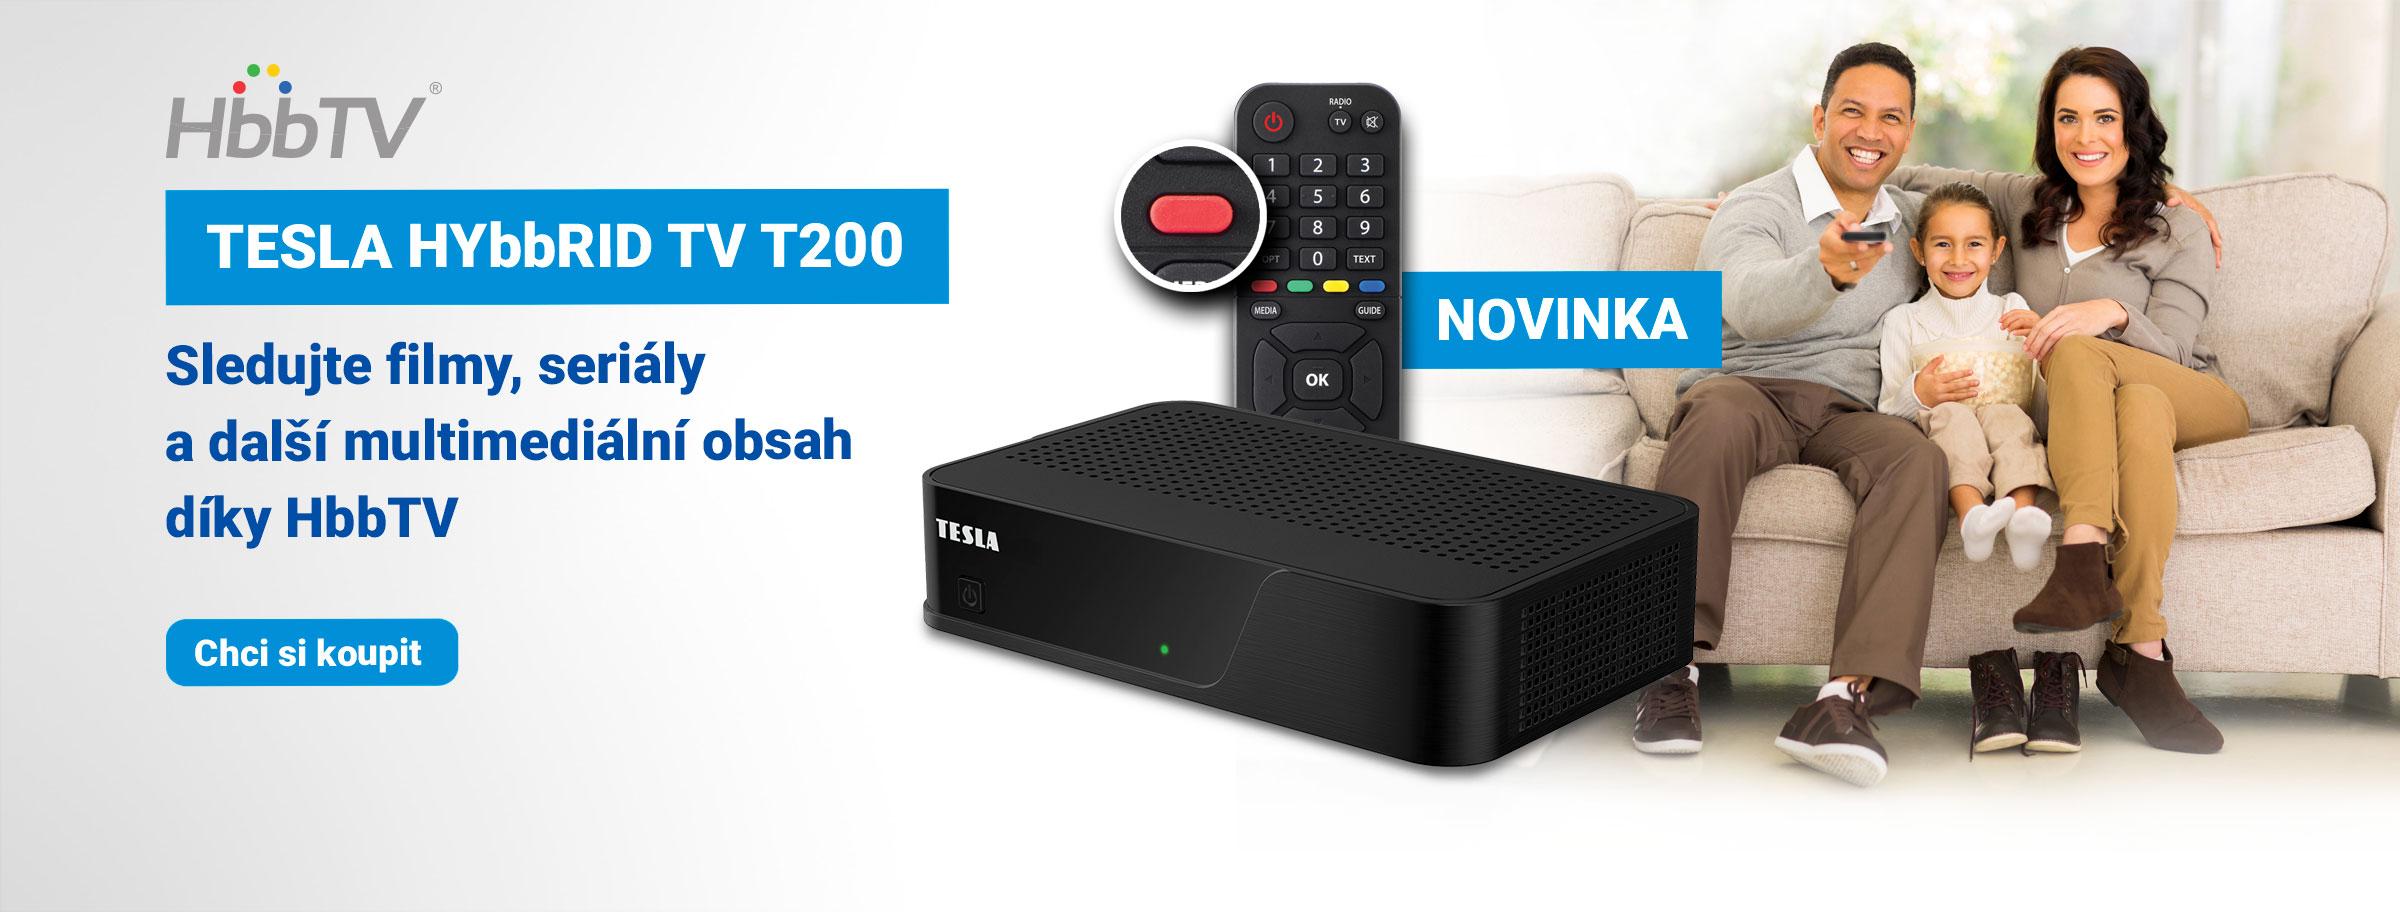 Novinka: TESLA HYbbRID TV T200 - DVB‒T2 H.265 (HEVC) přijímač s HbbTV